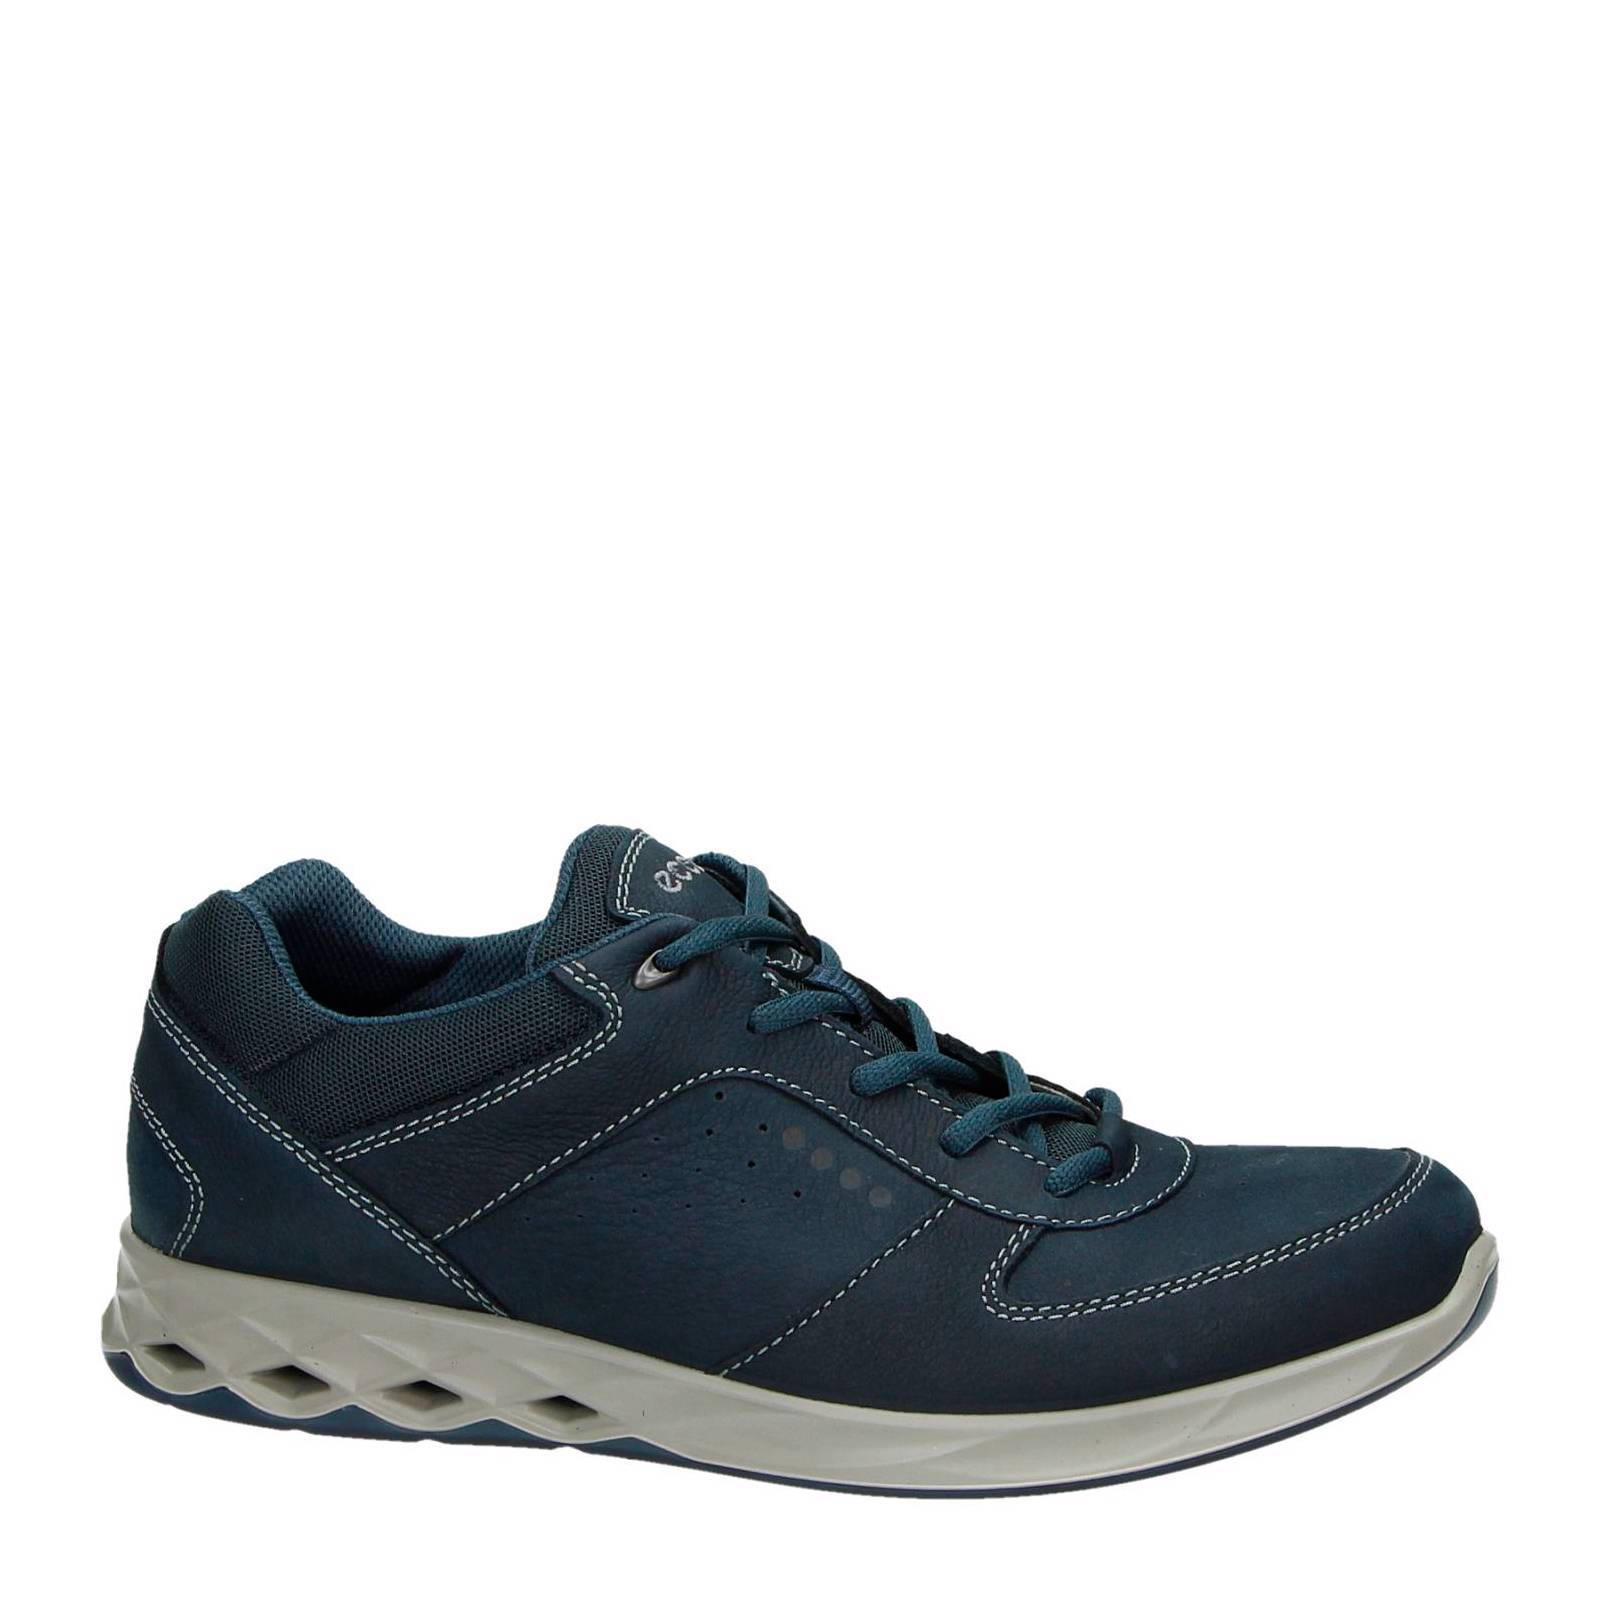 Occasionnels Wayfly Bleu Ecco Chaussures De Sport Pour Les Hommes RjwQRY